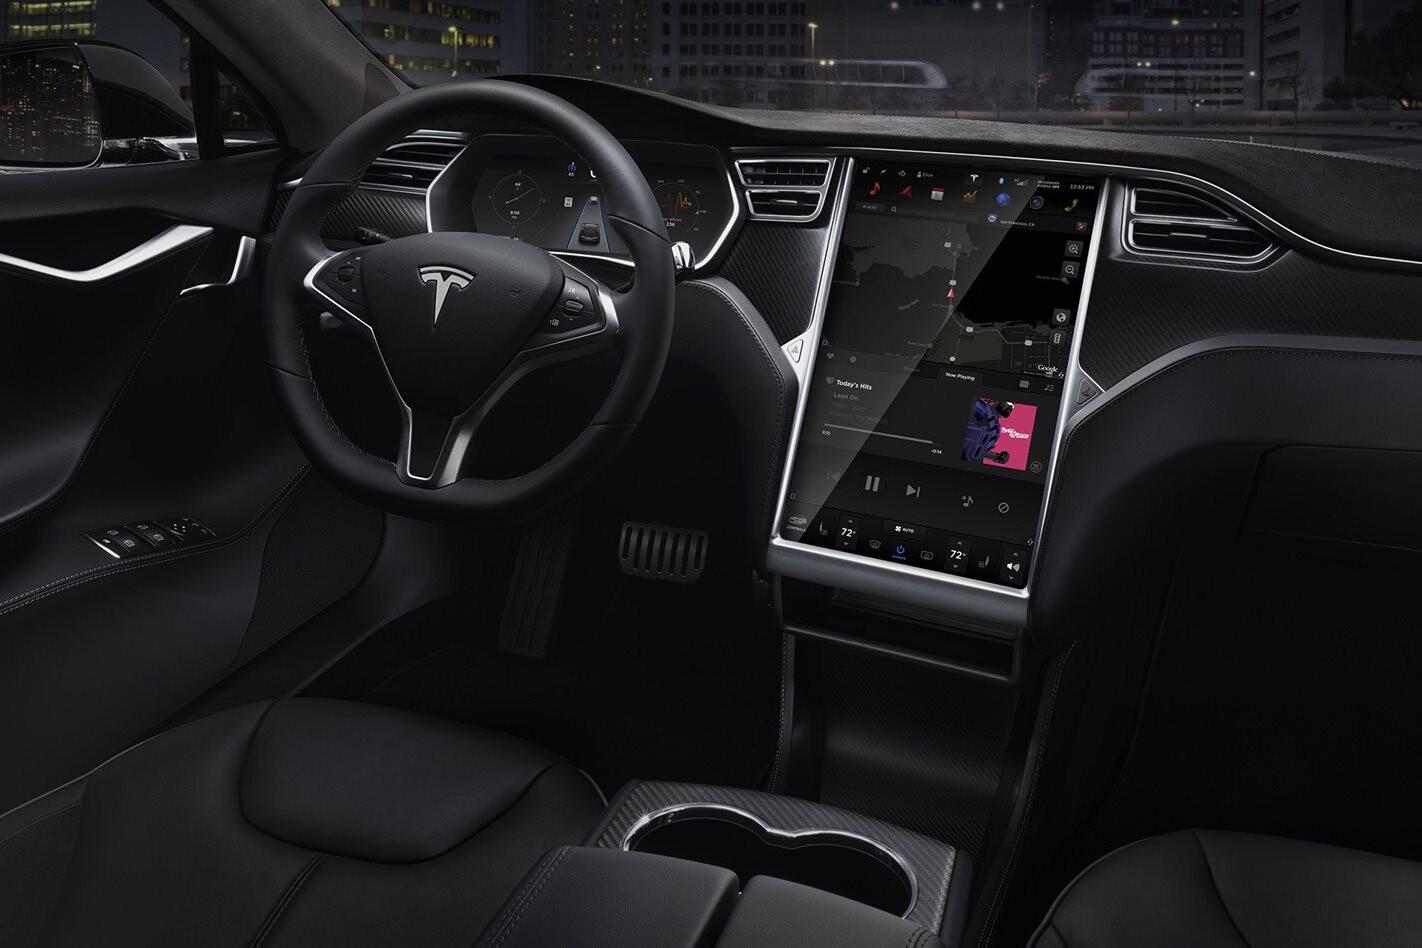 Tesla Autonomous Driving